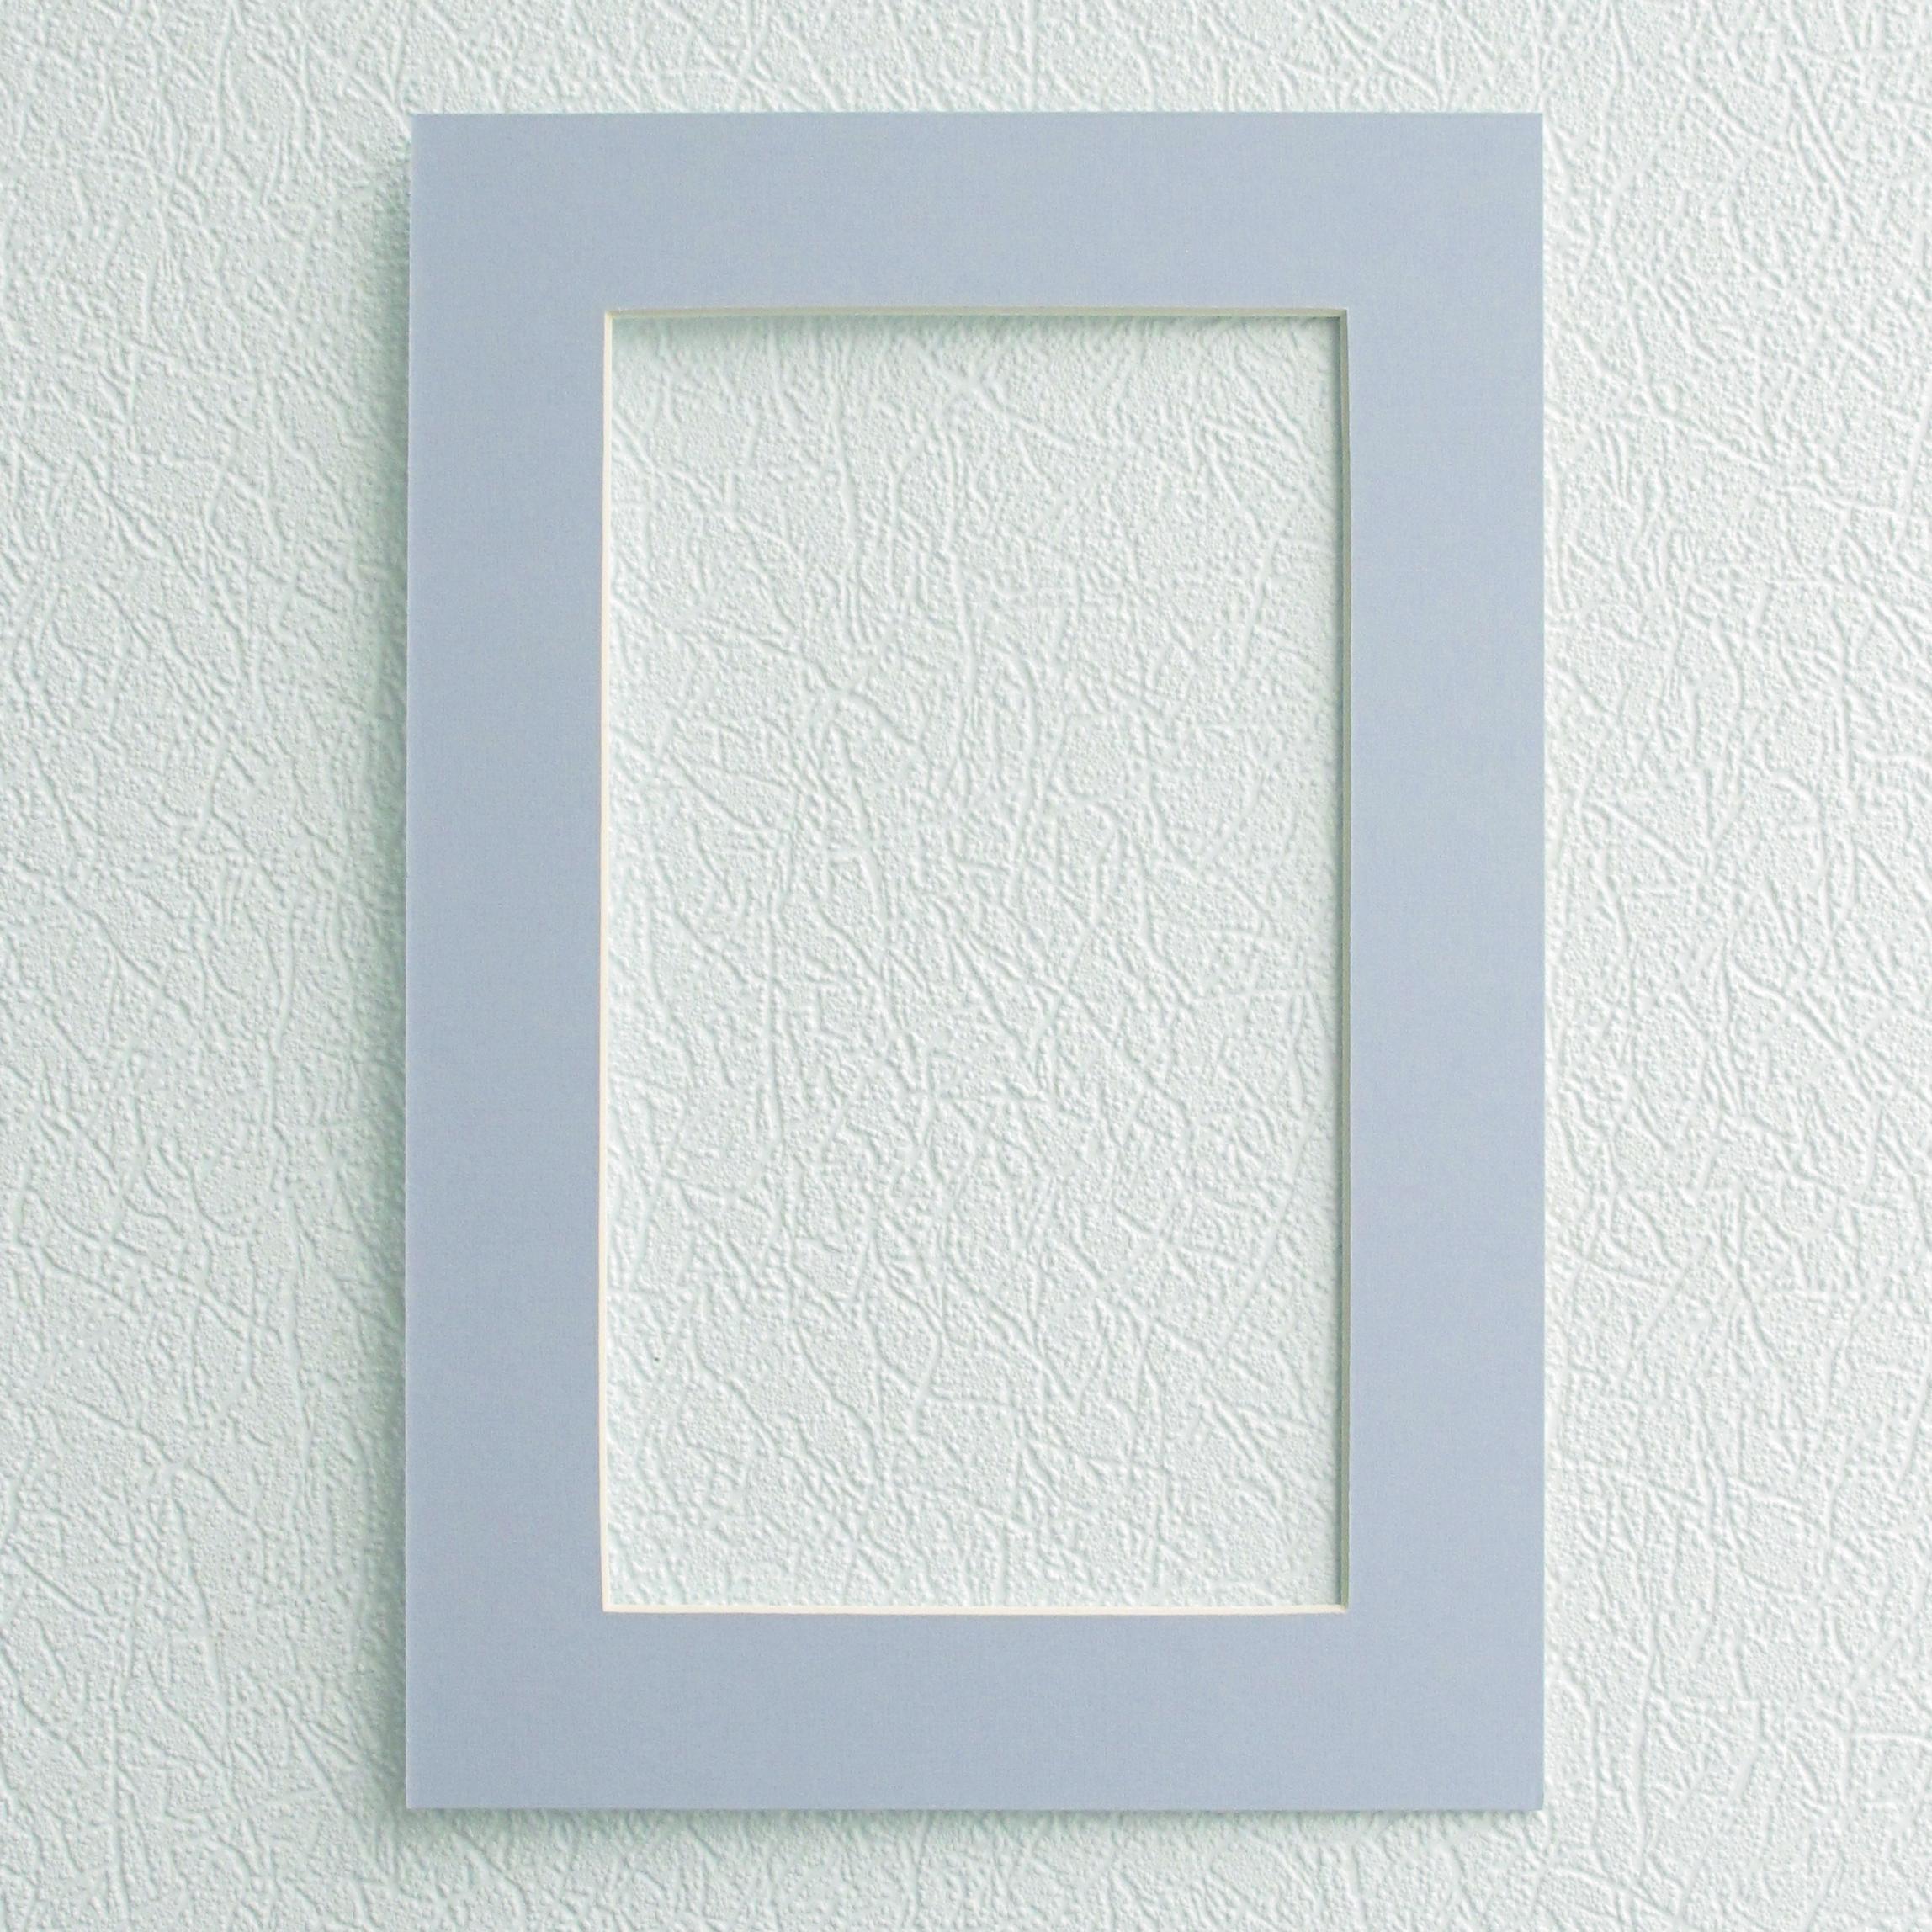 Паспарту Василиса, цвет: светло-голубой, 23 х 34 см581232Паспарту Василиса, изготовленное из плотного картона, предназначено для оформления художественных работ и фотографий. Оно располагается между багетной рамой и изображением, делая акцент на фотографии, усиливая ее визуальное восприятие. Кроме того, на паспарту часто располагают поясняющие подписи, автограф изображенного. Внешний размер: 23 см х 34 см. Внутренний размер: 15 см х 26 см.